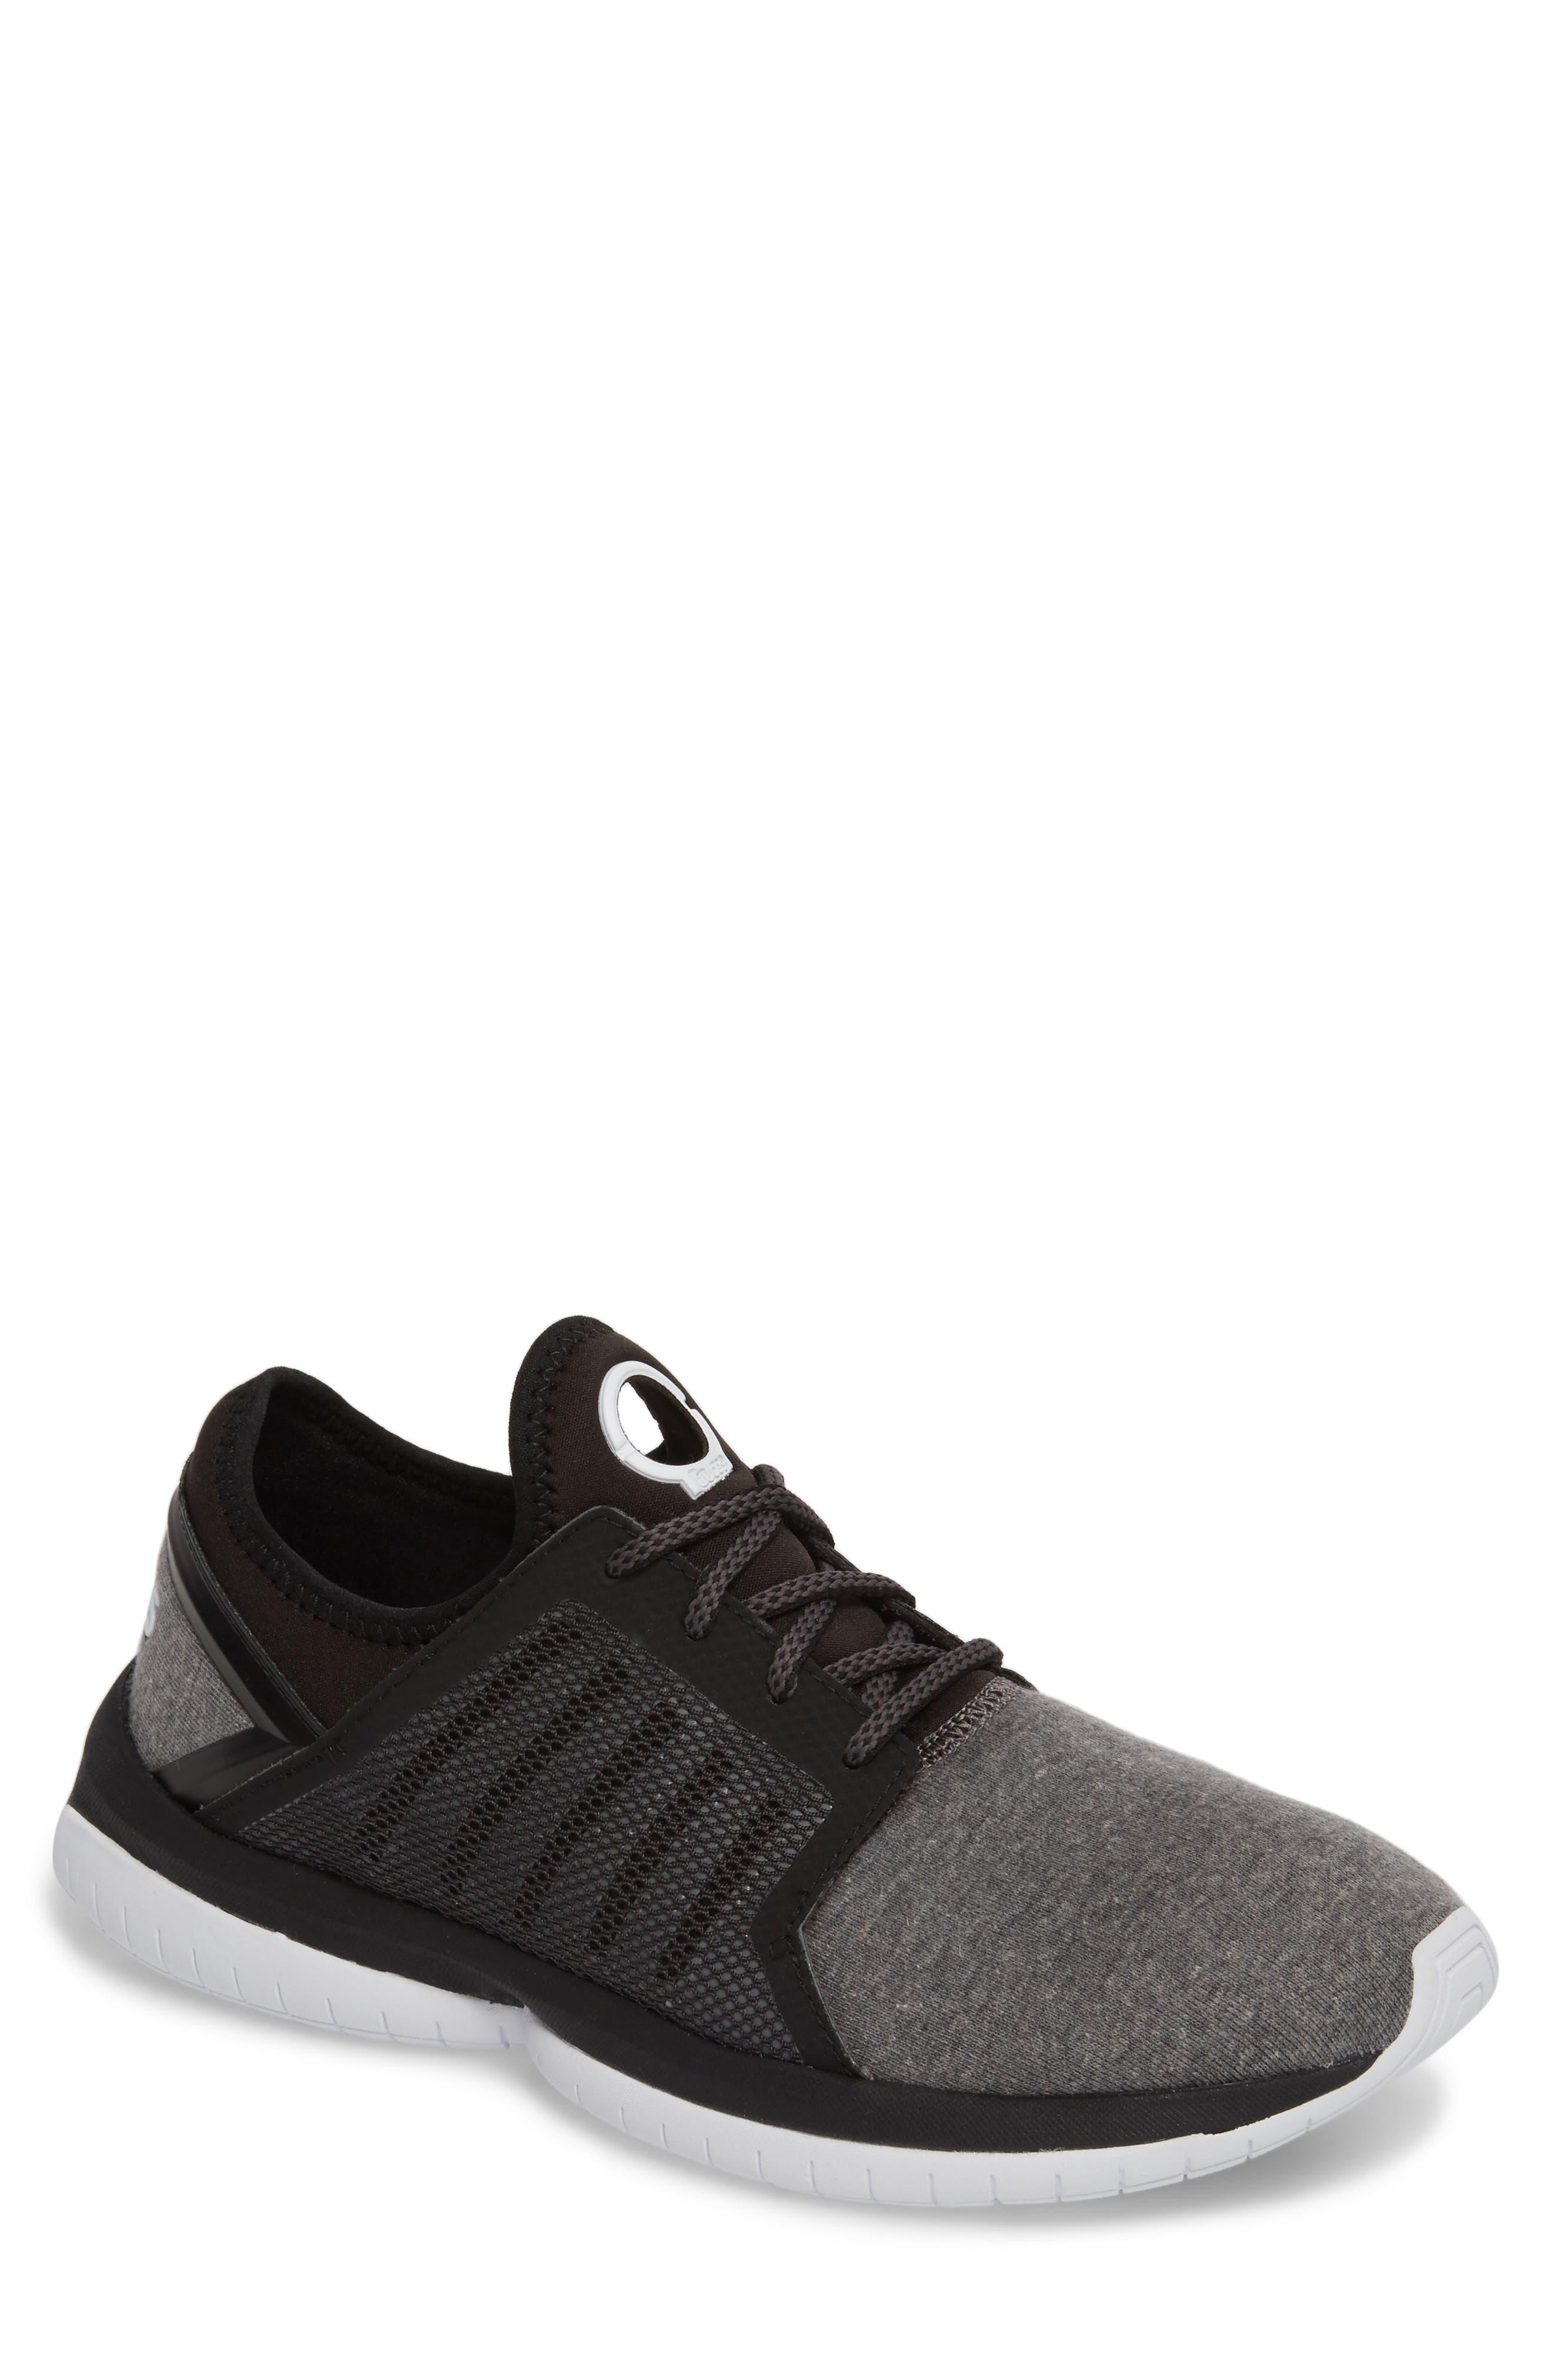 K-SWISS Tubes Millennia Sneaker in Black/ White